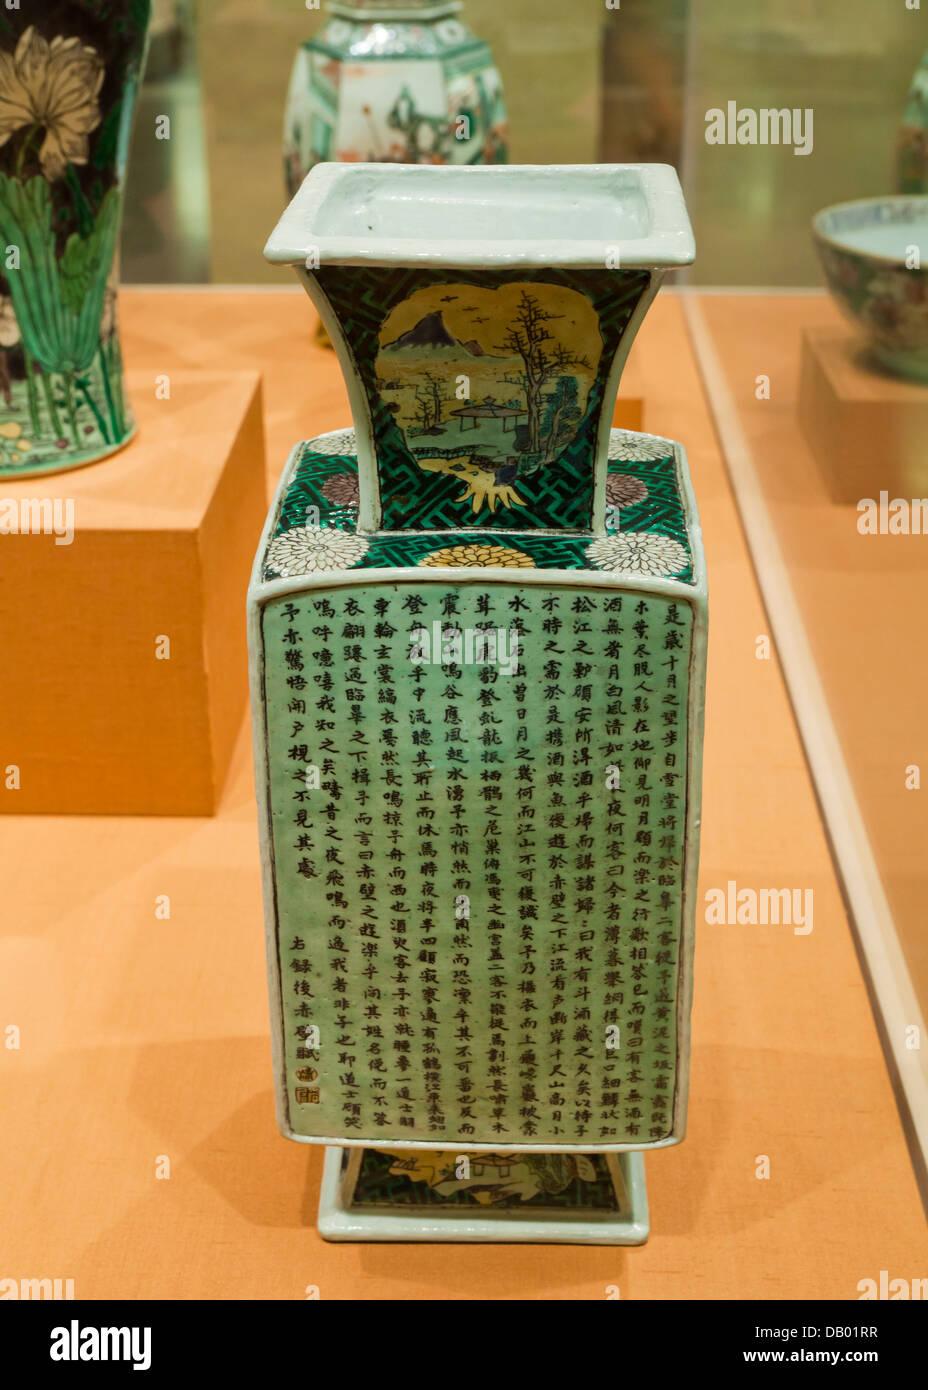 17 Jahrhundert Bild Architektur: Rechteckige Vase Mit Gedichten